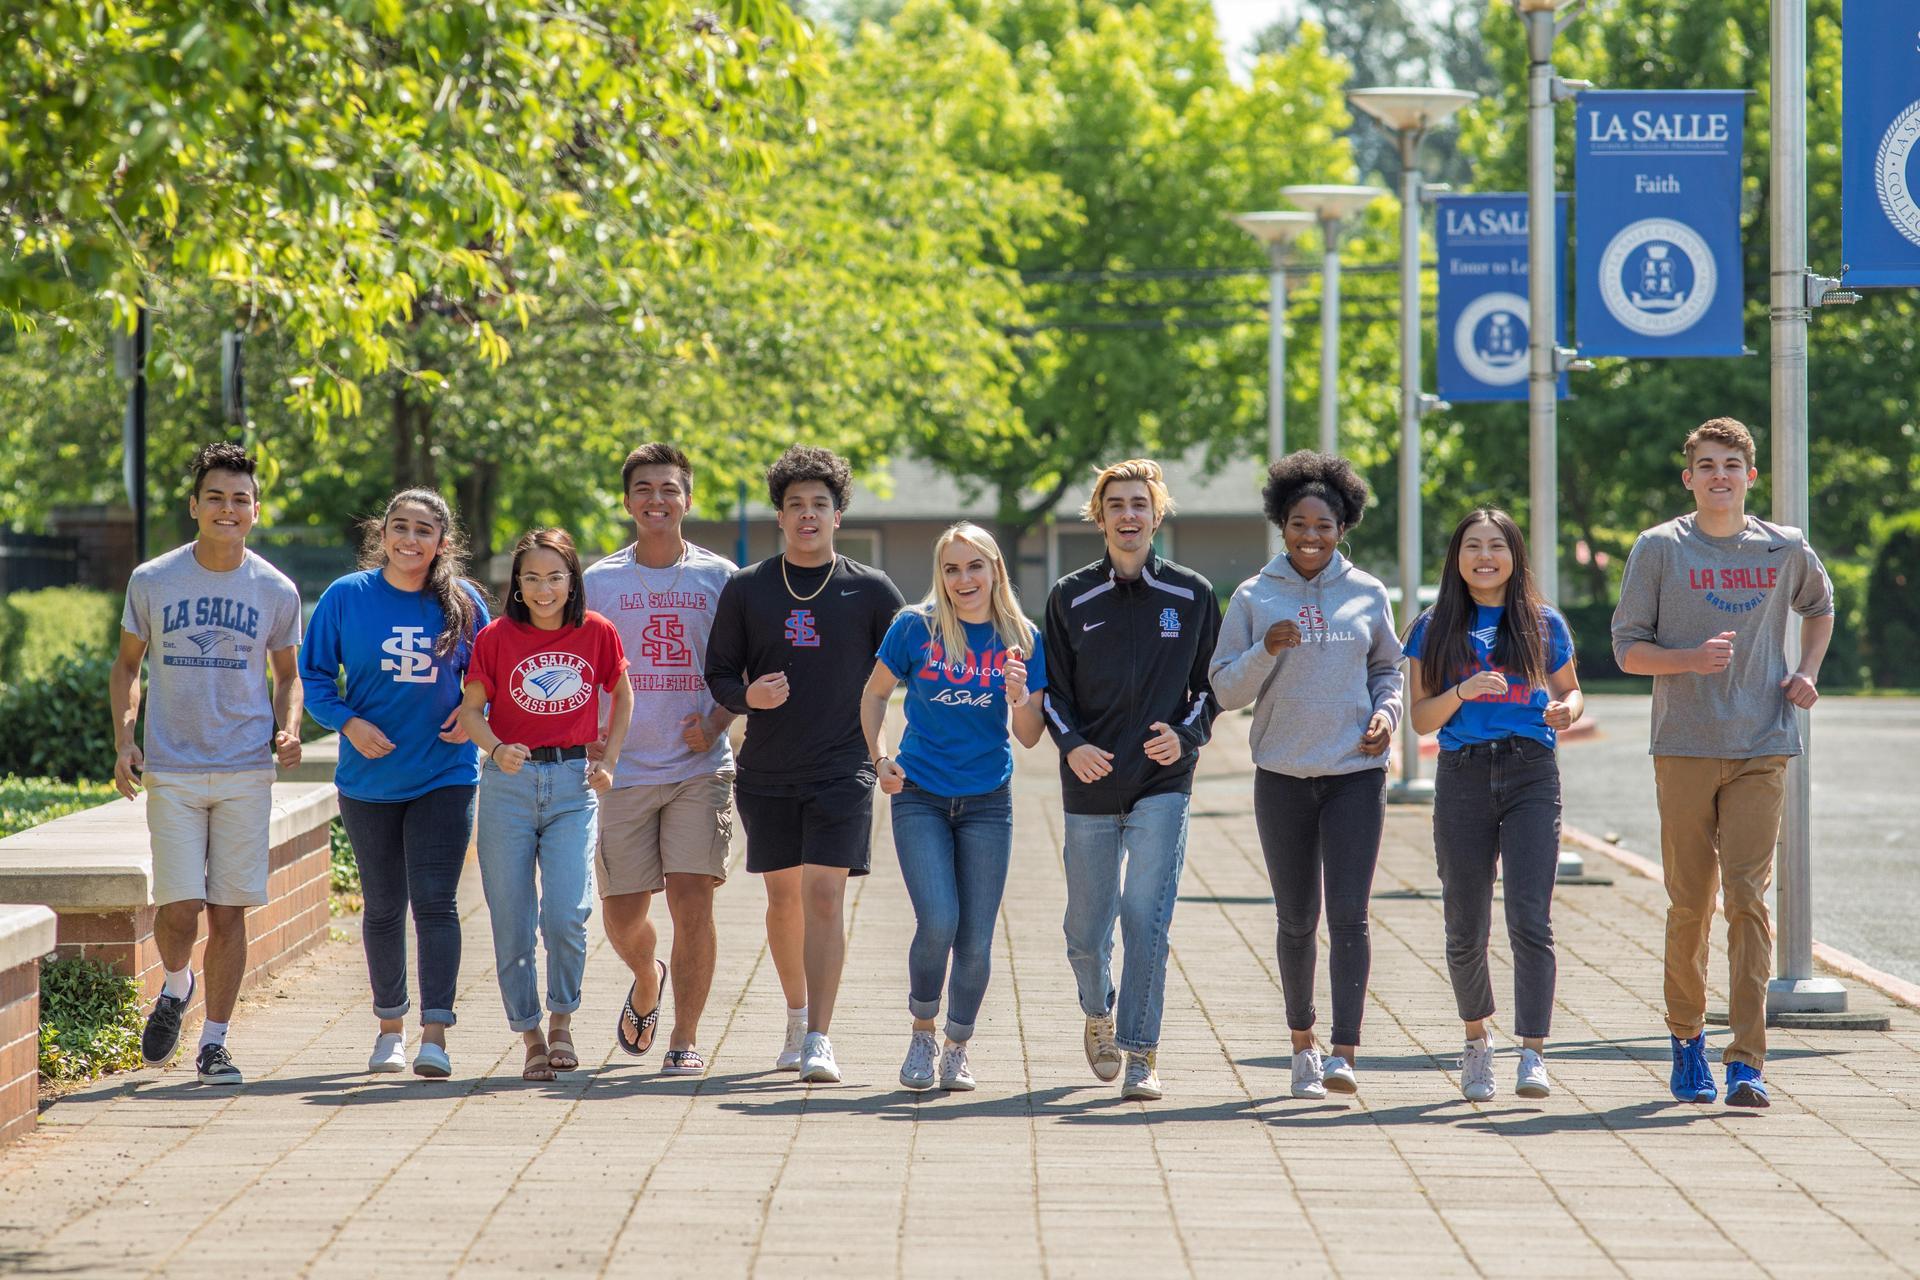 students walking on sidewalk in front of school